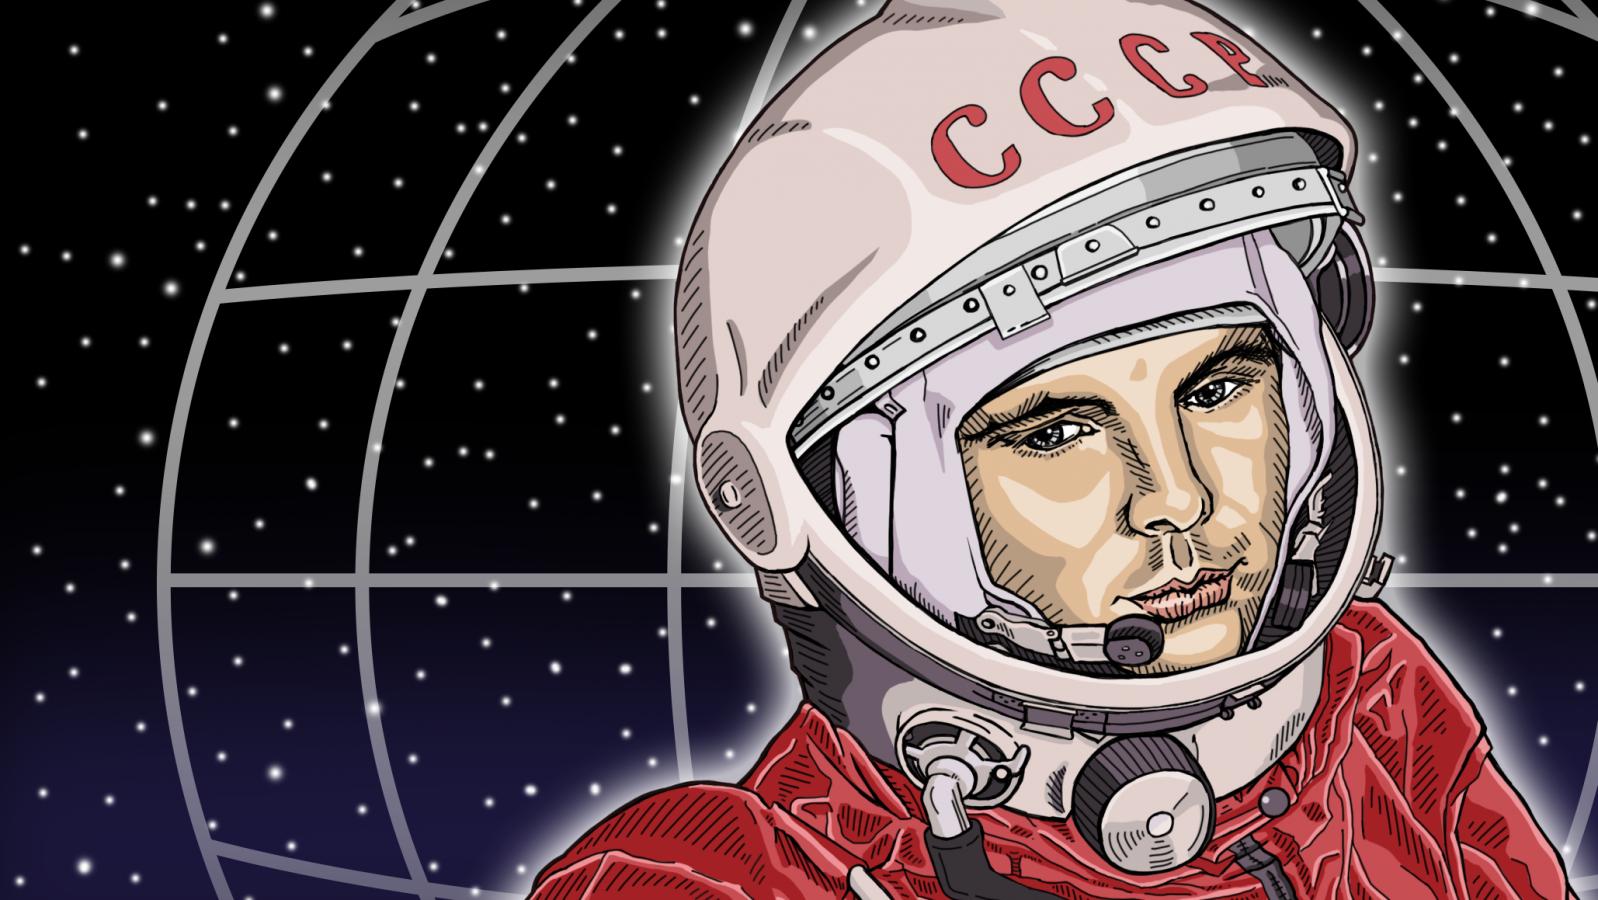 Gagarinův let do vesmíru